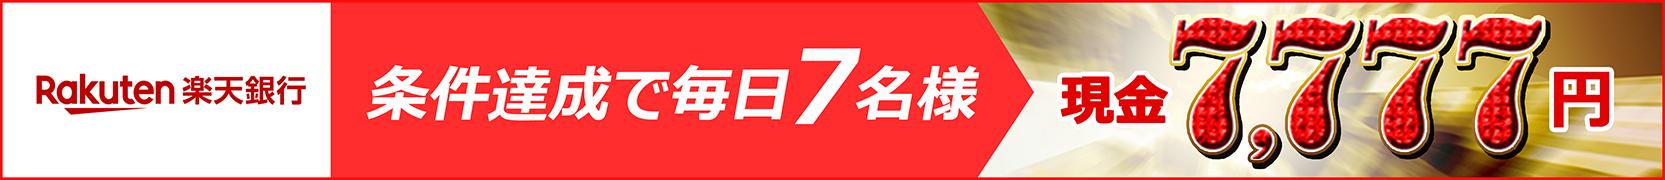 【楽天銀行】エントリー&条件達成で毎日抽せん!毎日現金7777円が当たるキャンペーン!